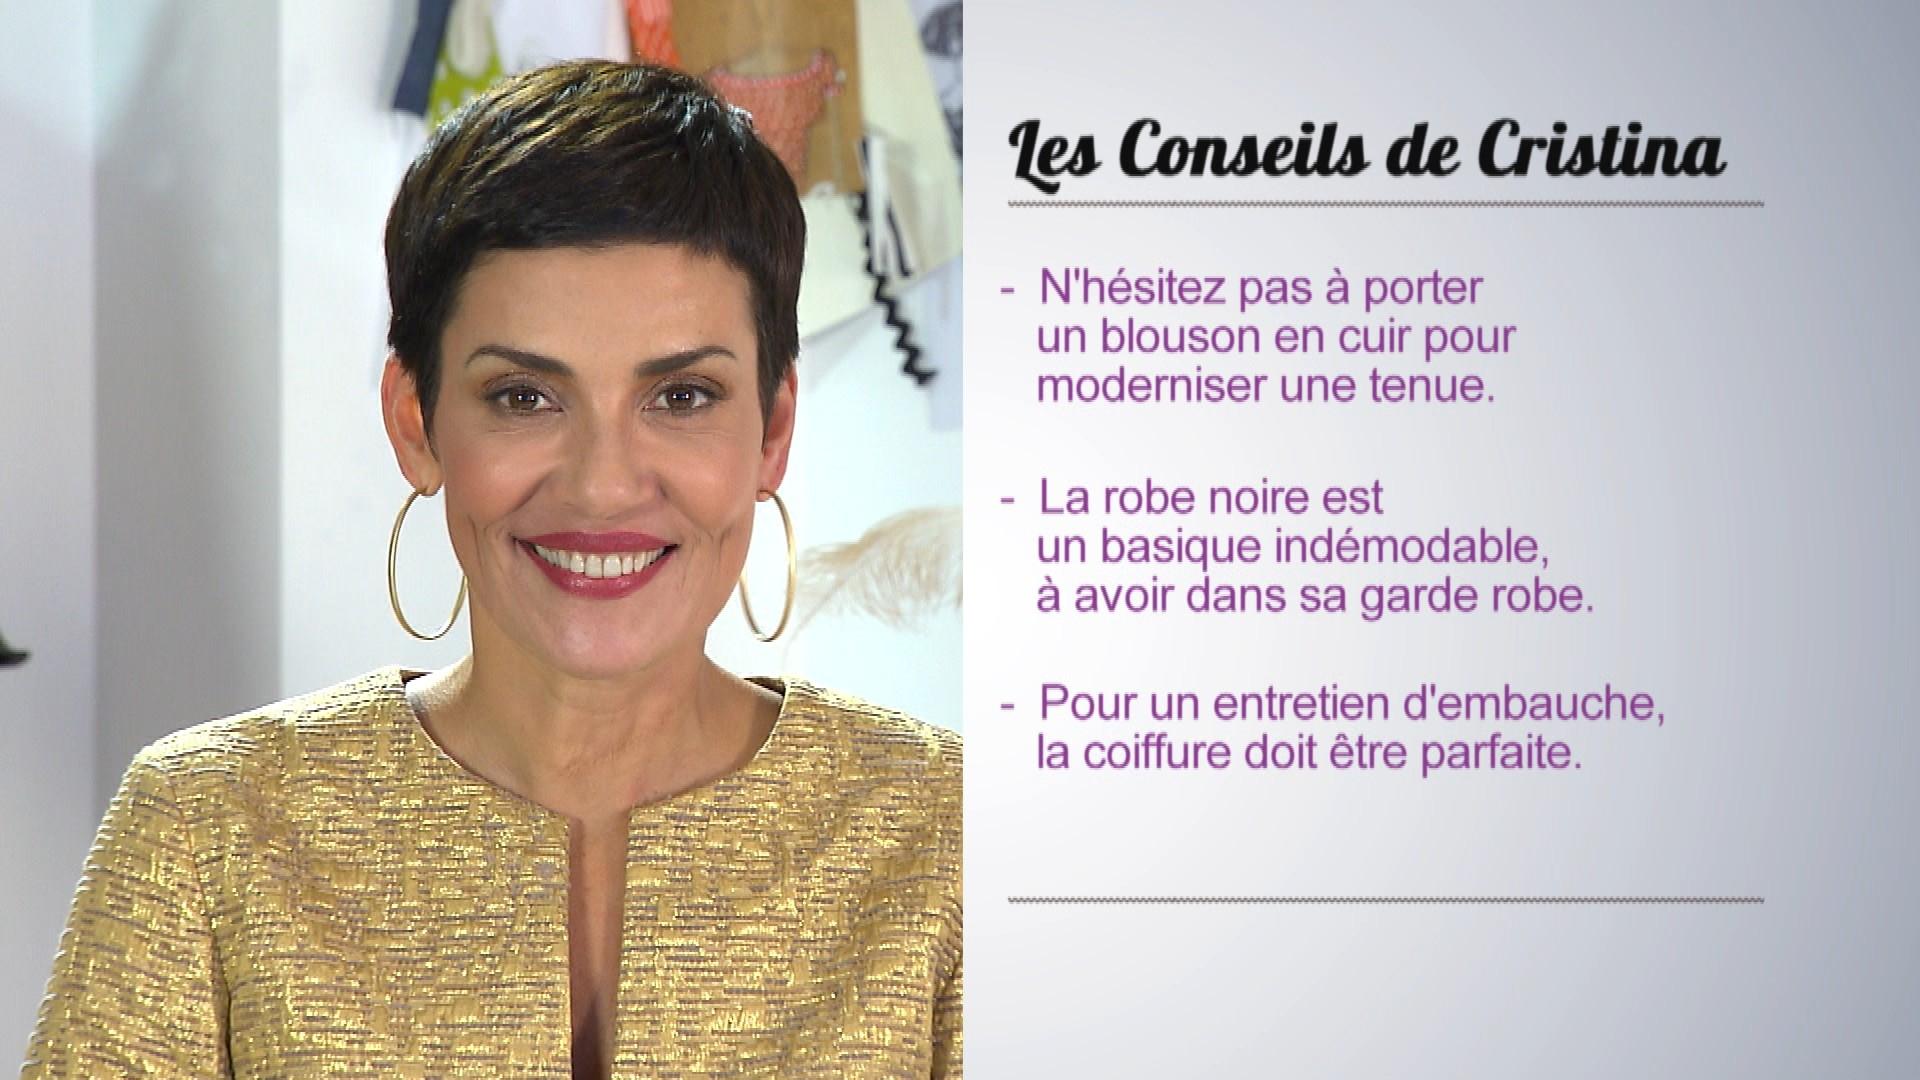 recherche femmes celibataires france Aix-en-Provence